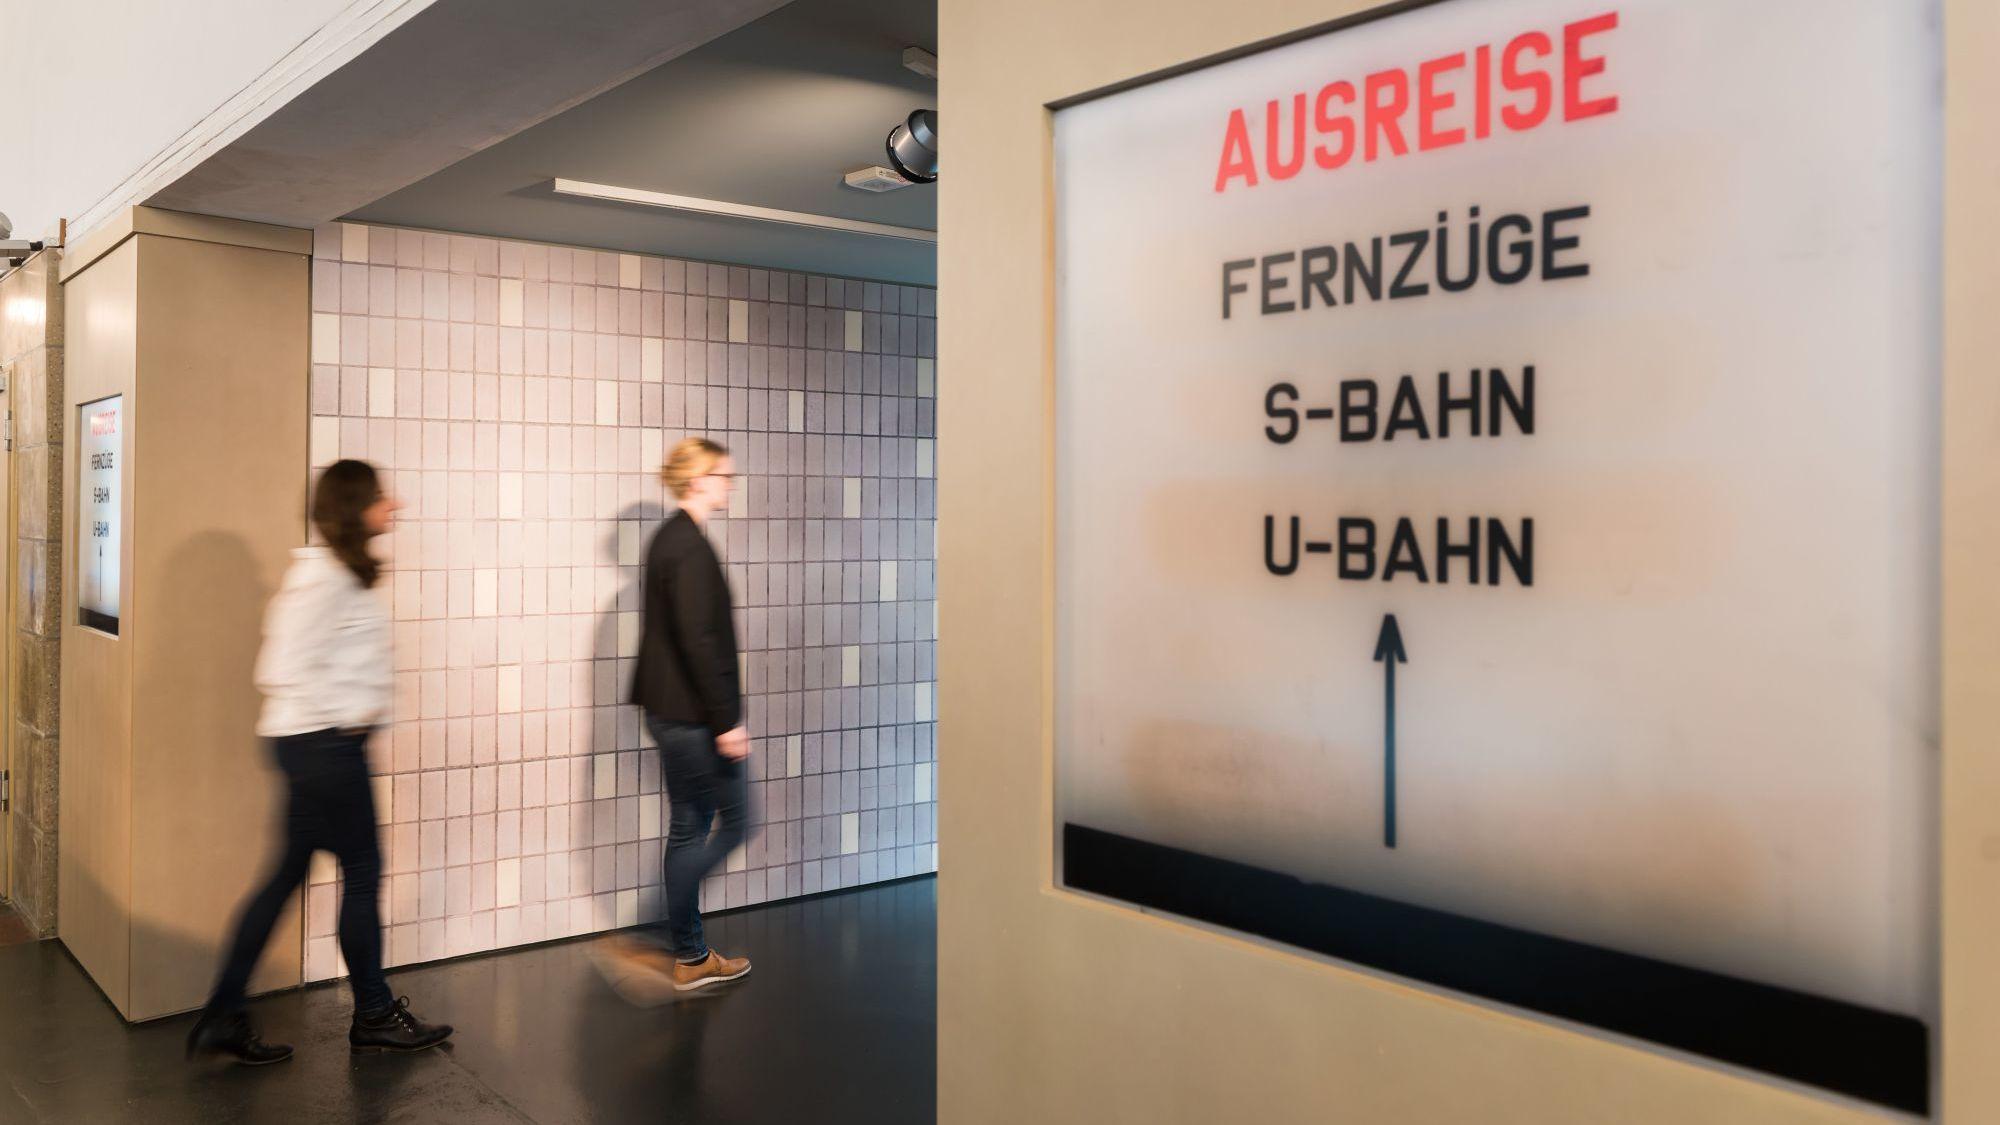 Im Vordergrund ein Schild mit den Worten Ausreise, Fernzüge, S-Bahn, U-Bahn, im Hintergrund gehen zwei junge Frauen in einen Gang